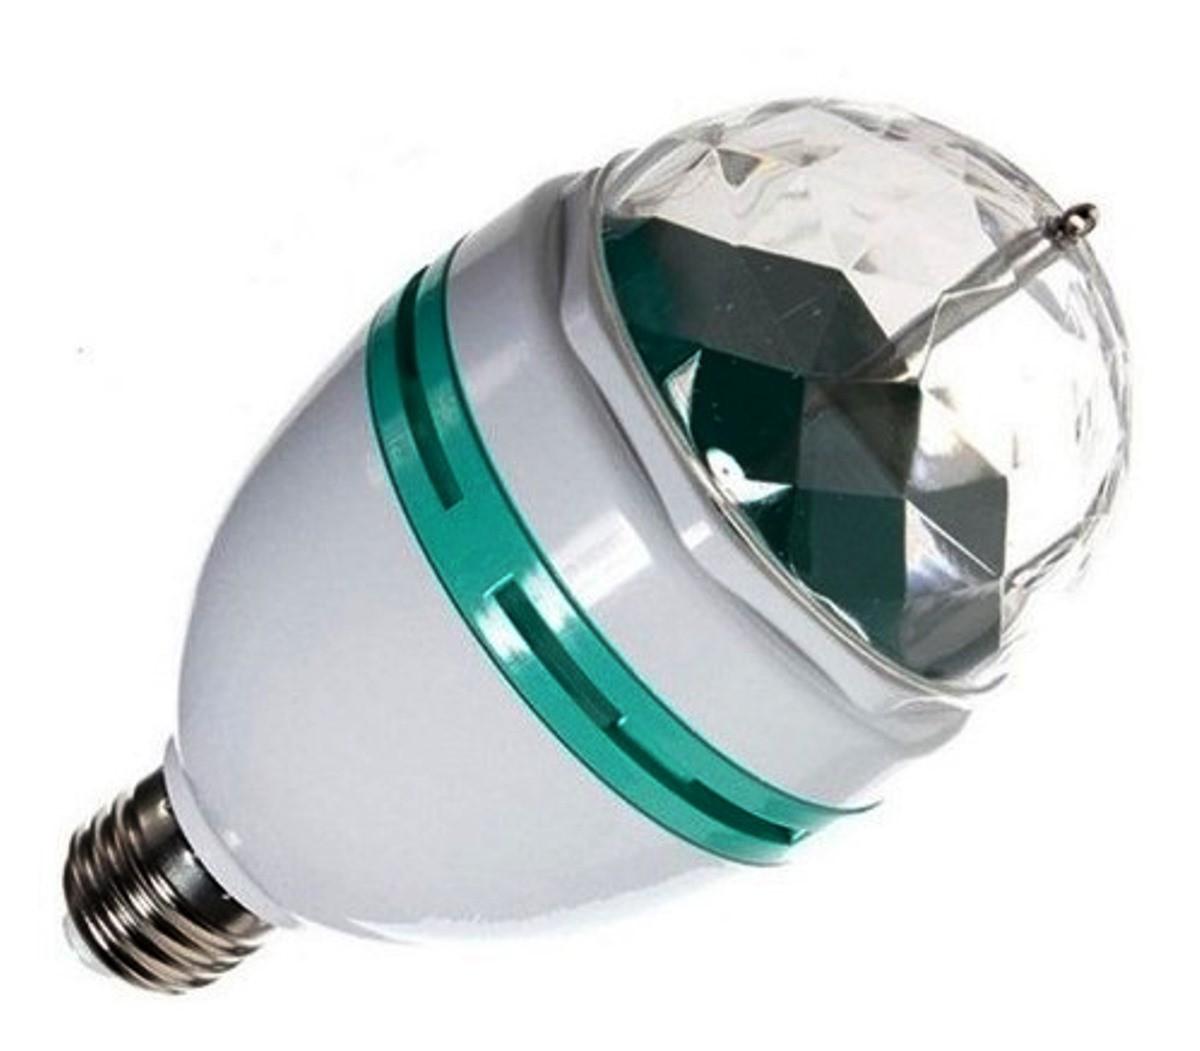 Kit 2 Bola Maluca Dj Efeitos Luz Iluminação Lâmpada Colorida